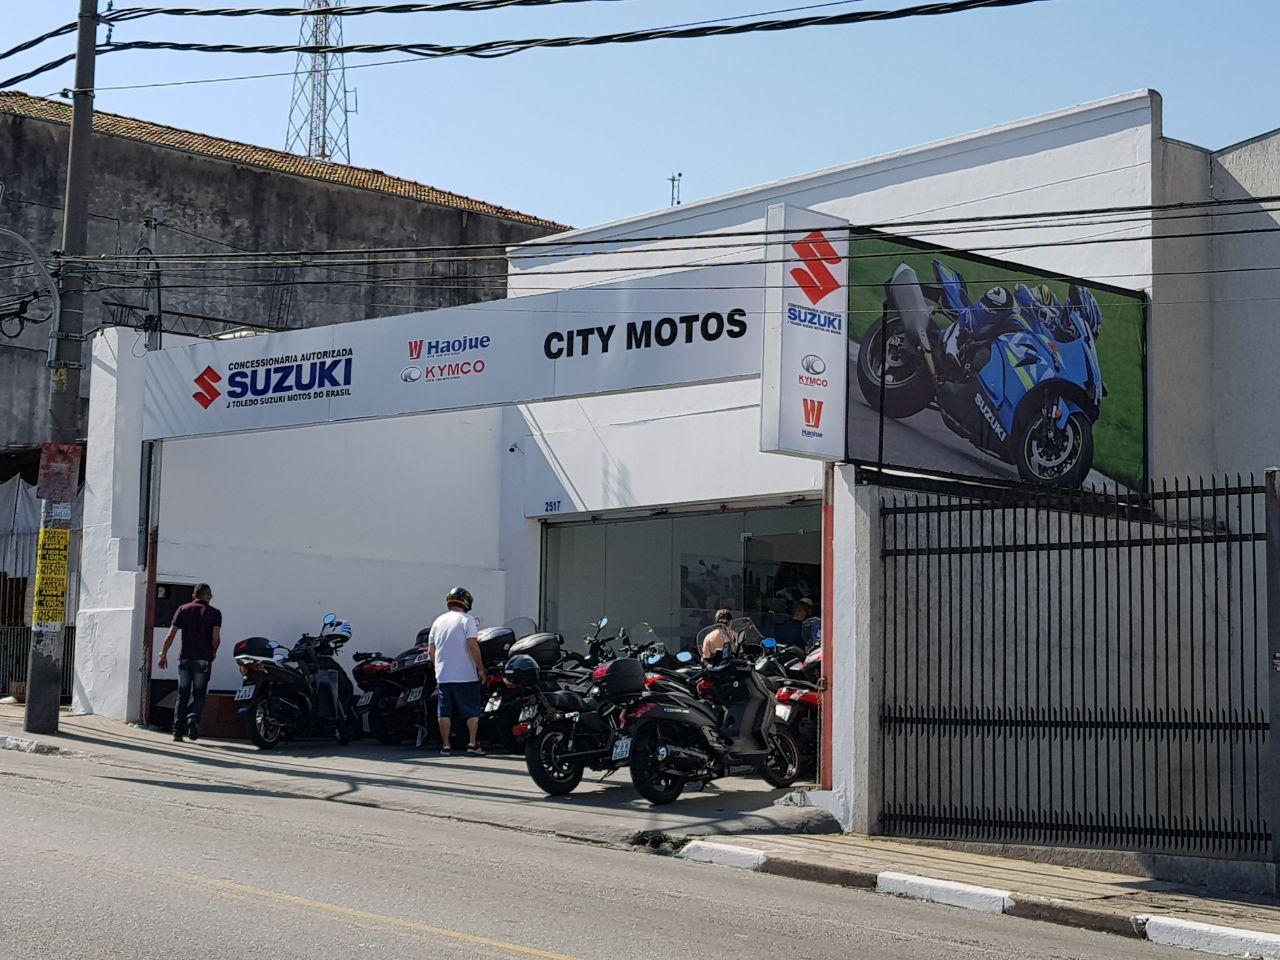 City Motos